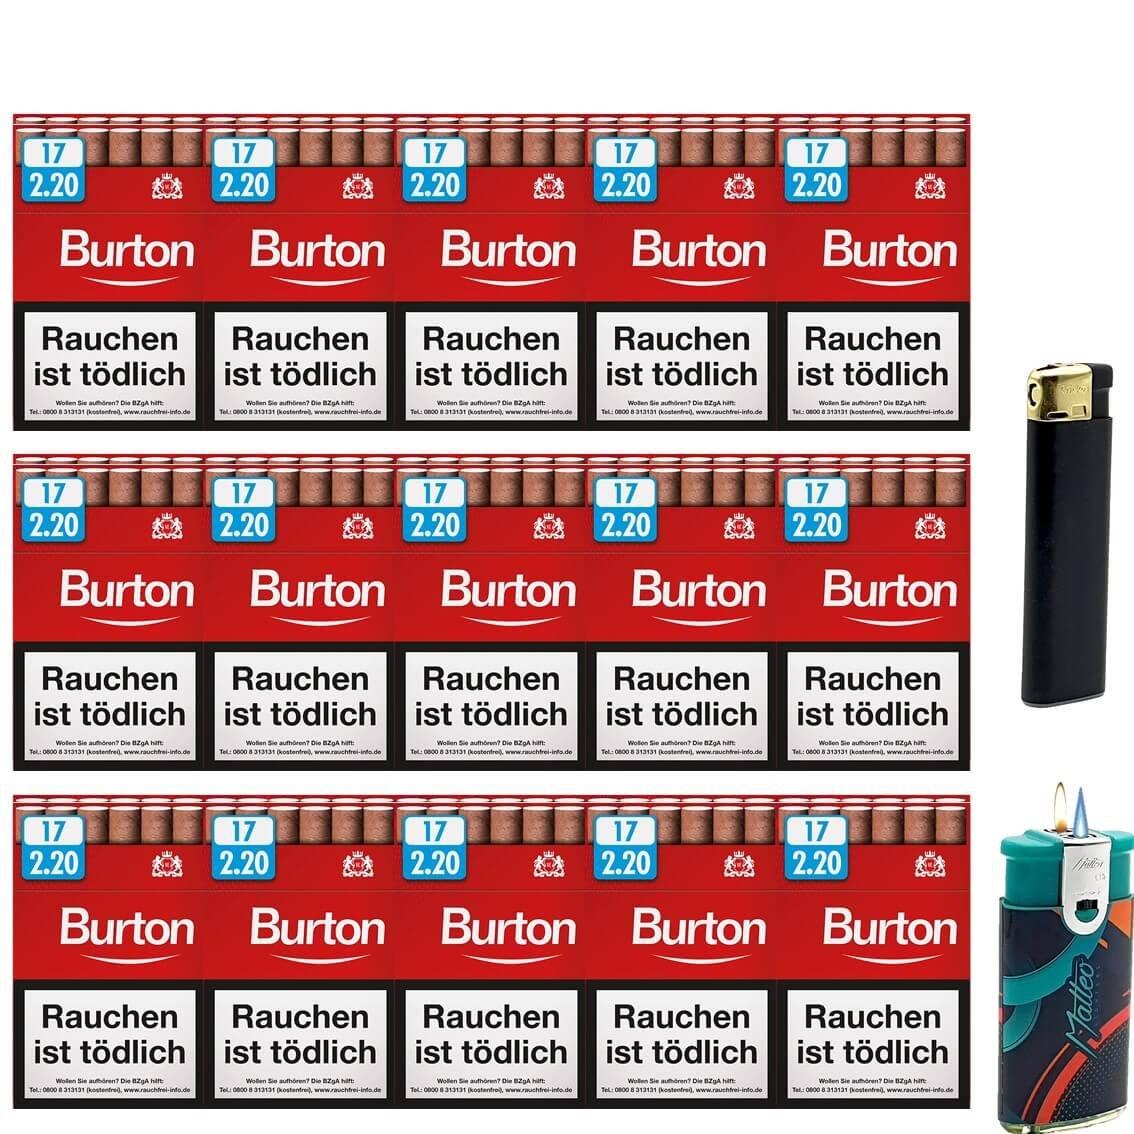 Burton Original Zigarillos mit Filter (3 Stangen) 30 x 17 Stück